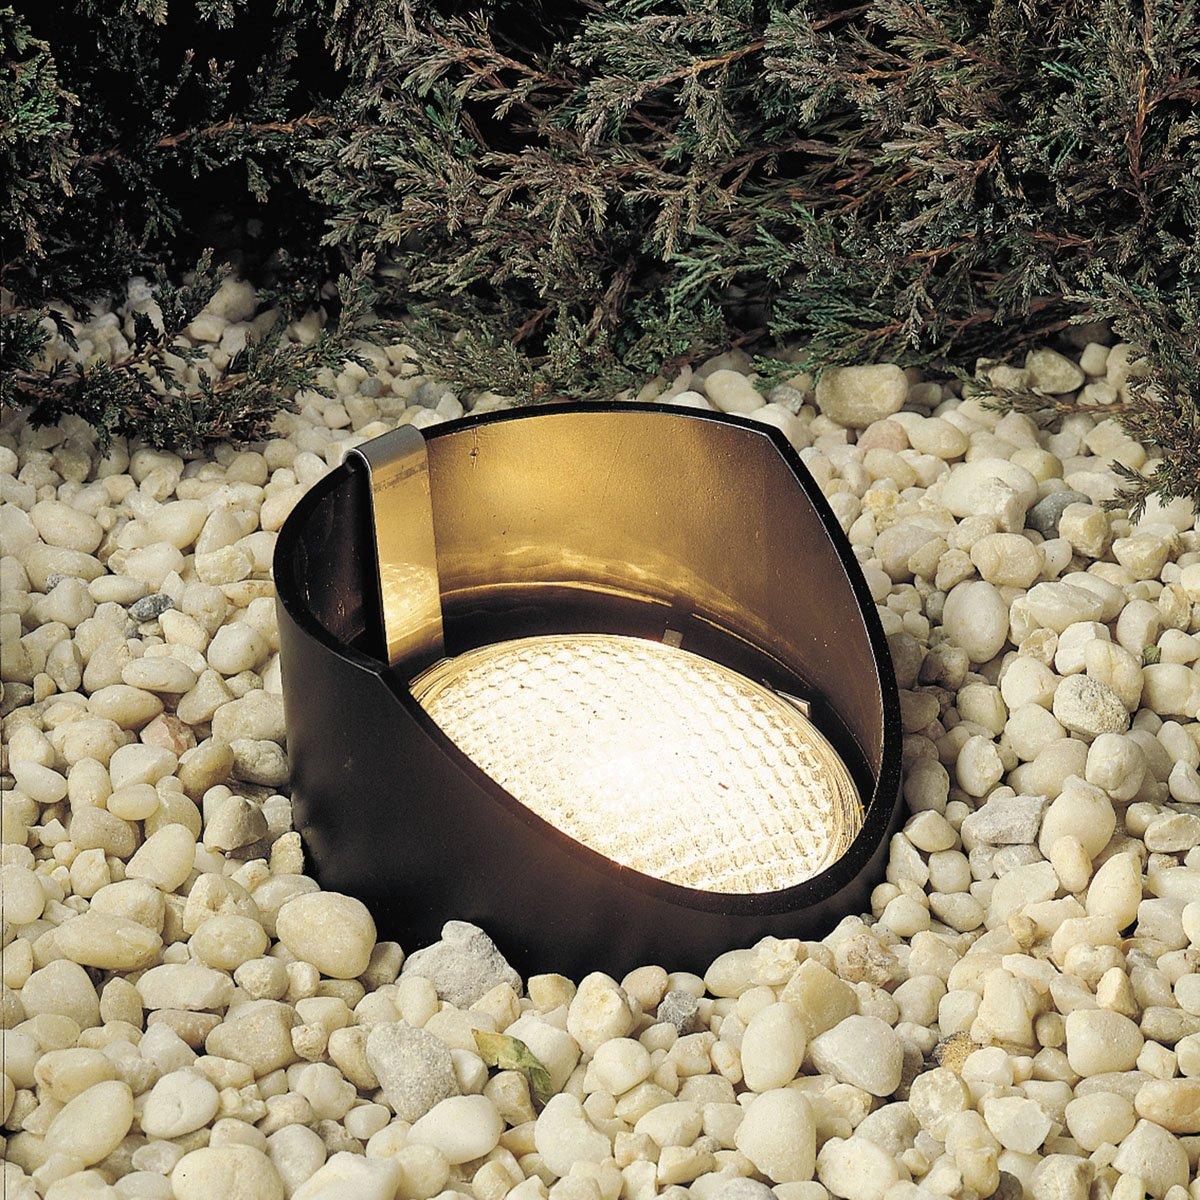 Superior Kichler 15088BK One Light In Ground   Landscape In Ground Lights    Amazon.com